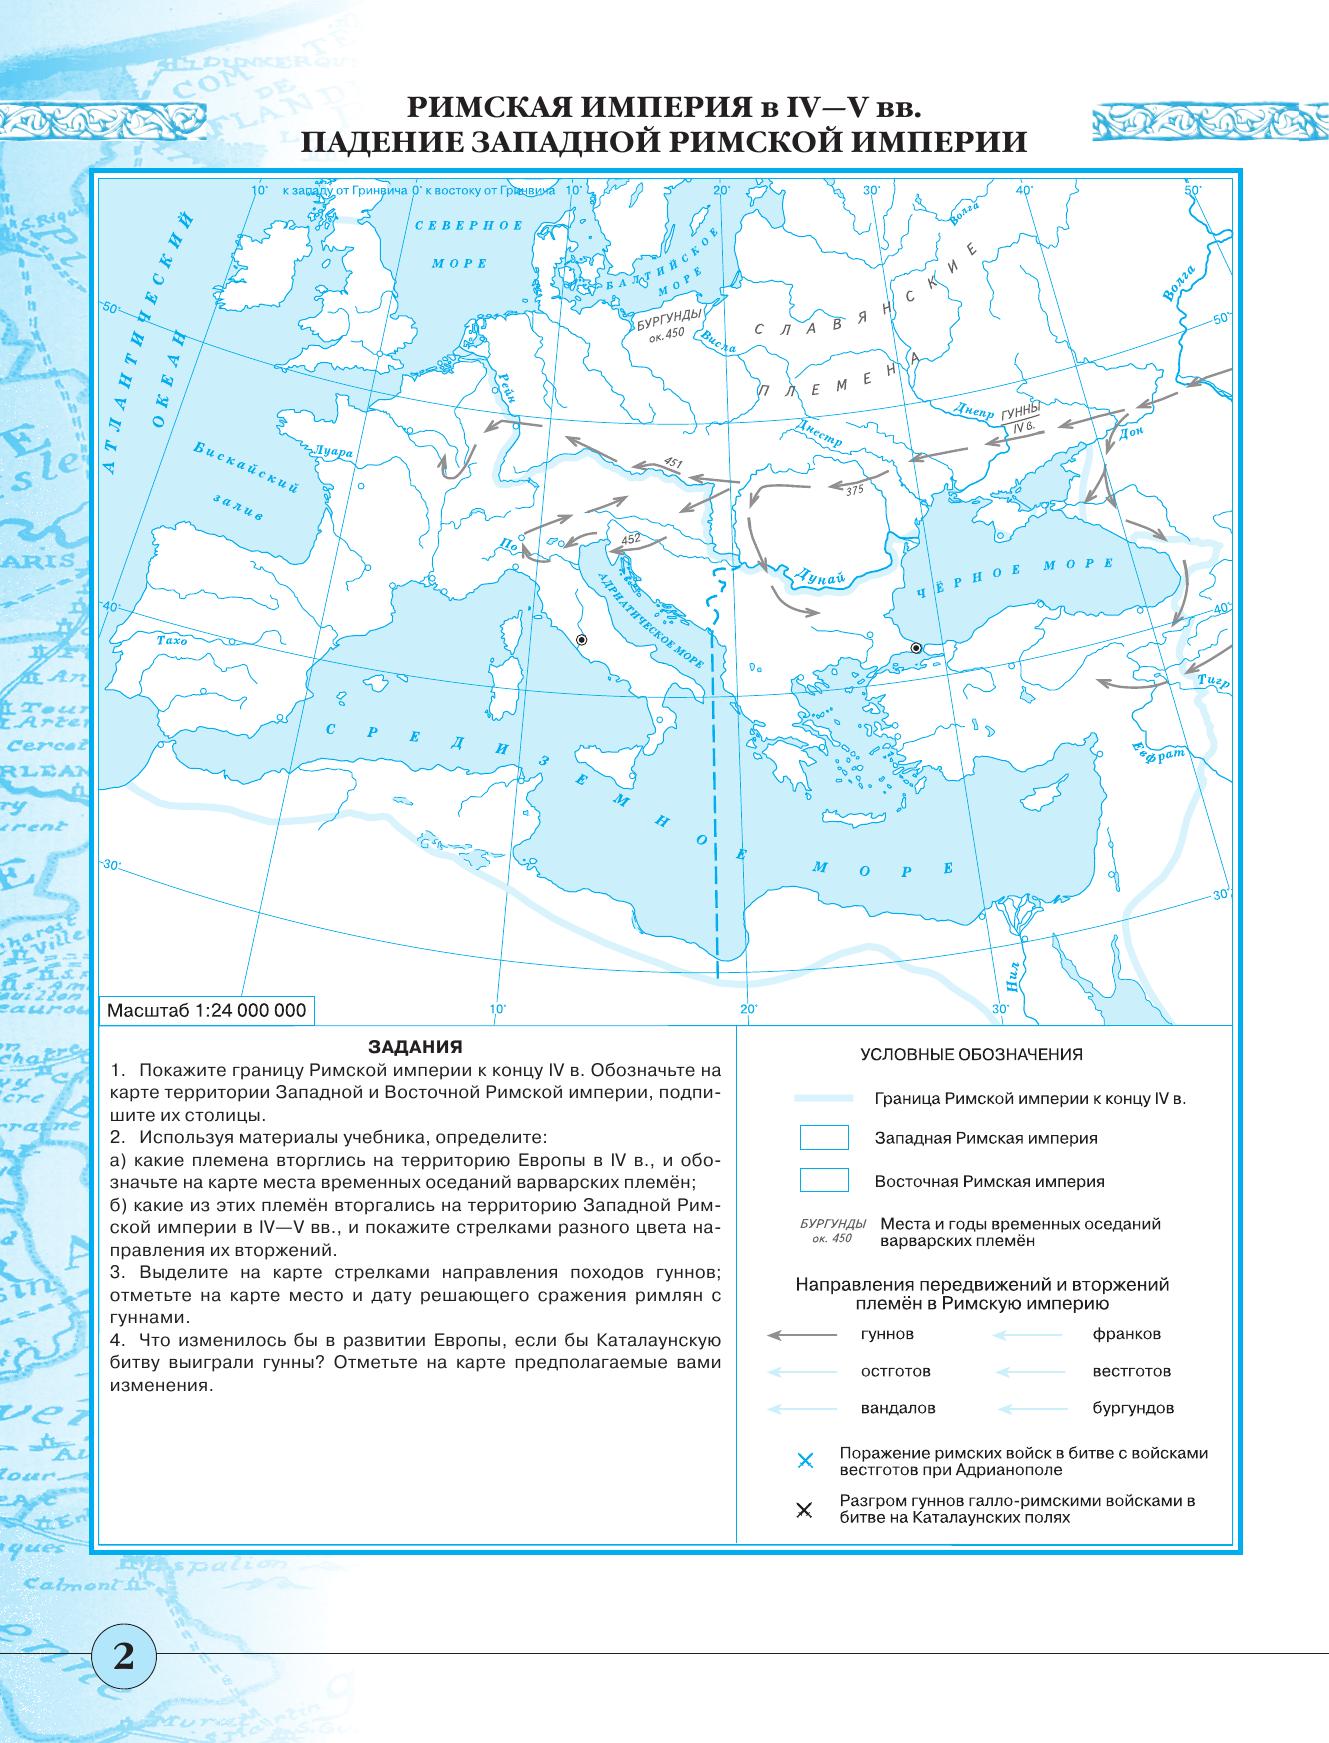 гдз по истории 6 класс контурные карты история россии дрофа